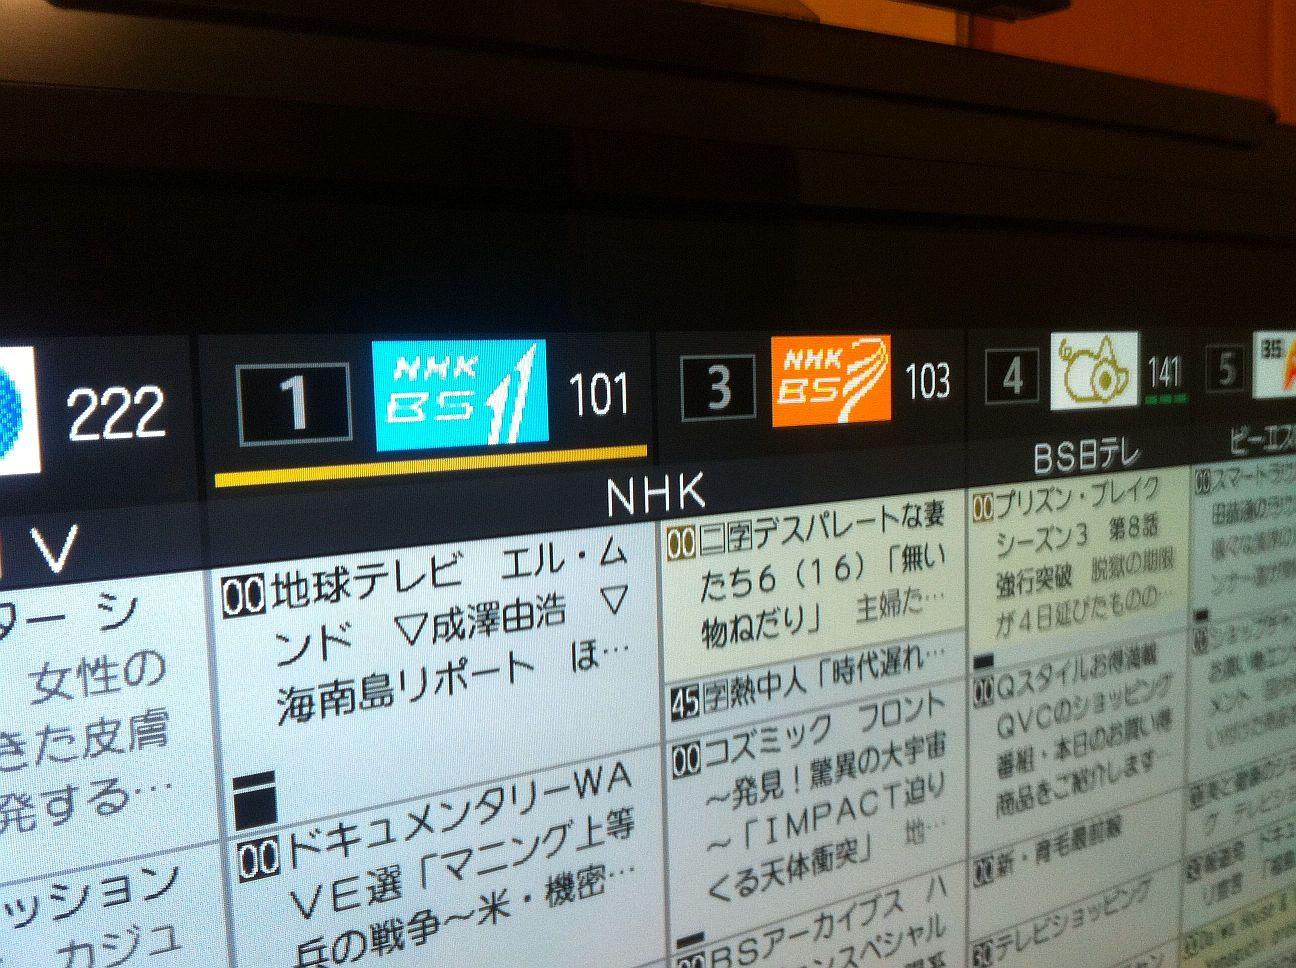 表 プレミアム 番組 nhk bs